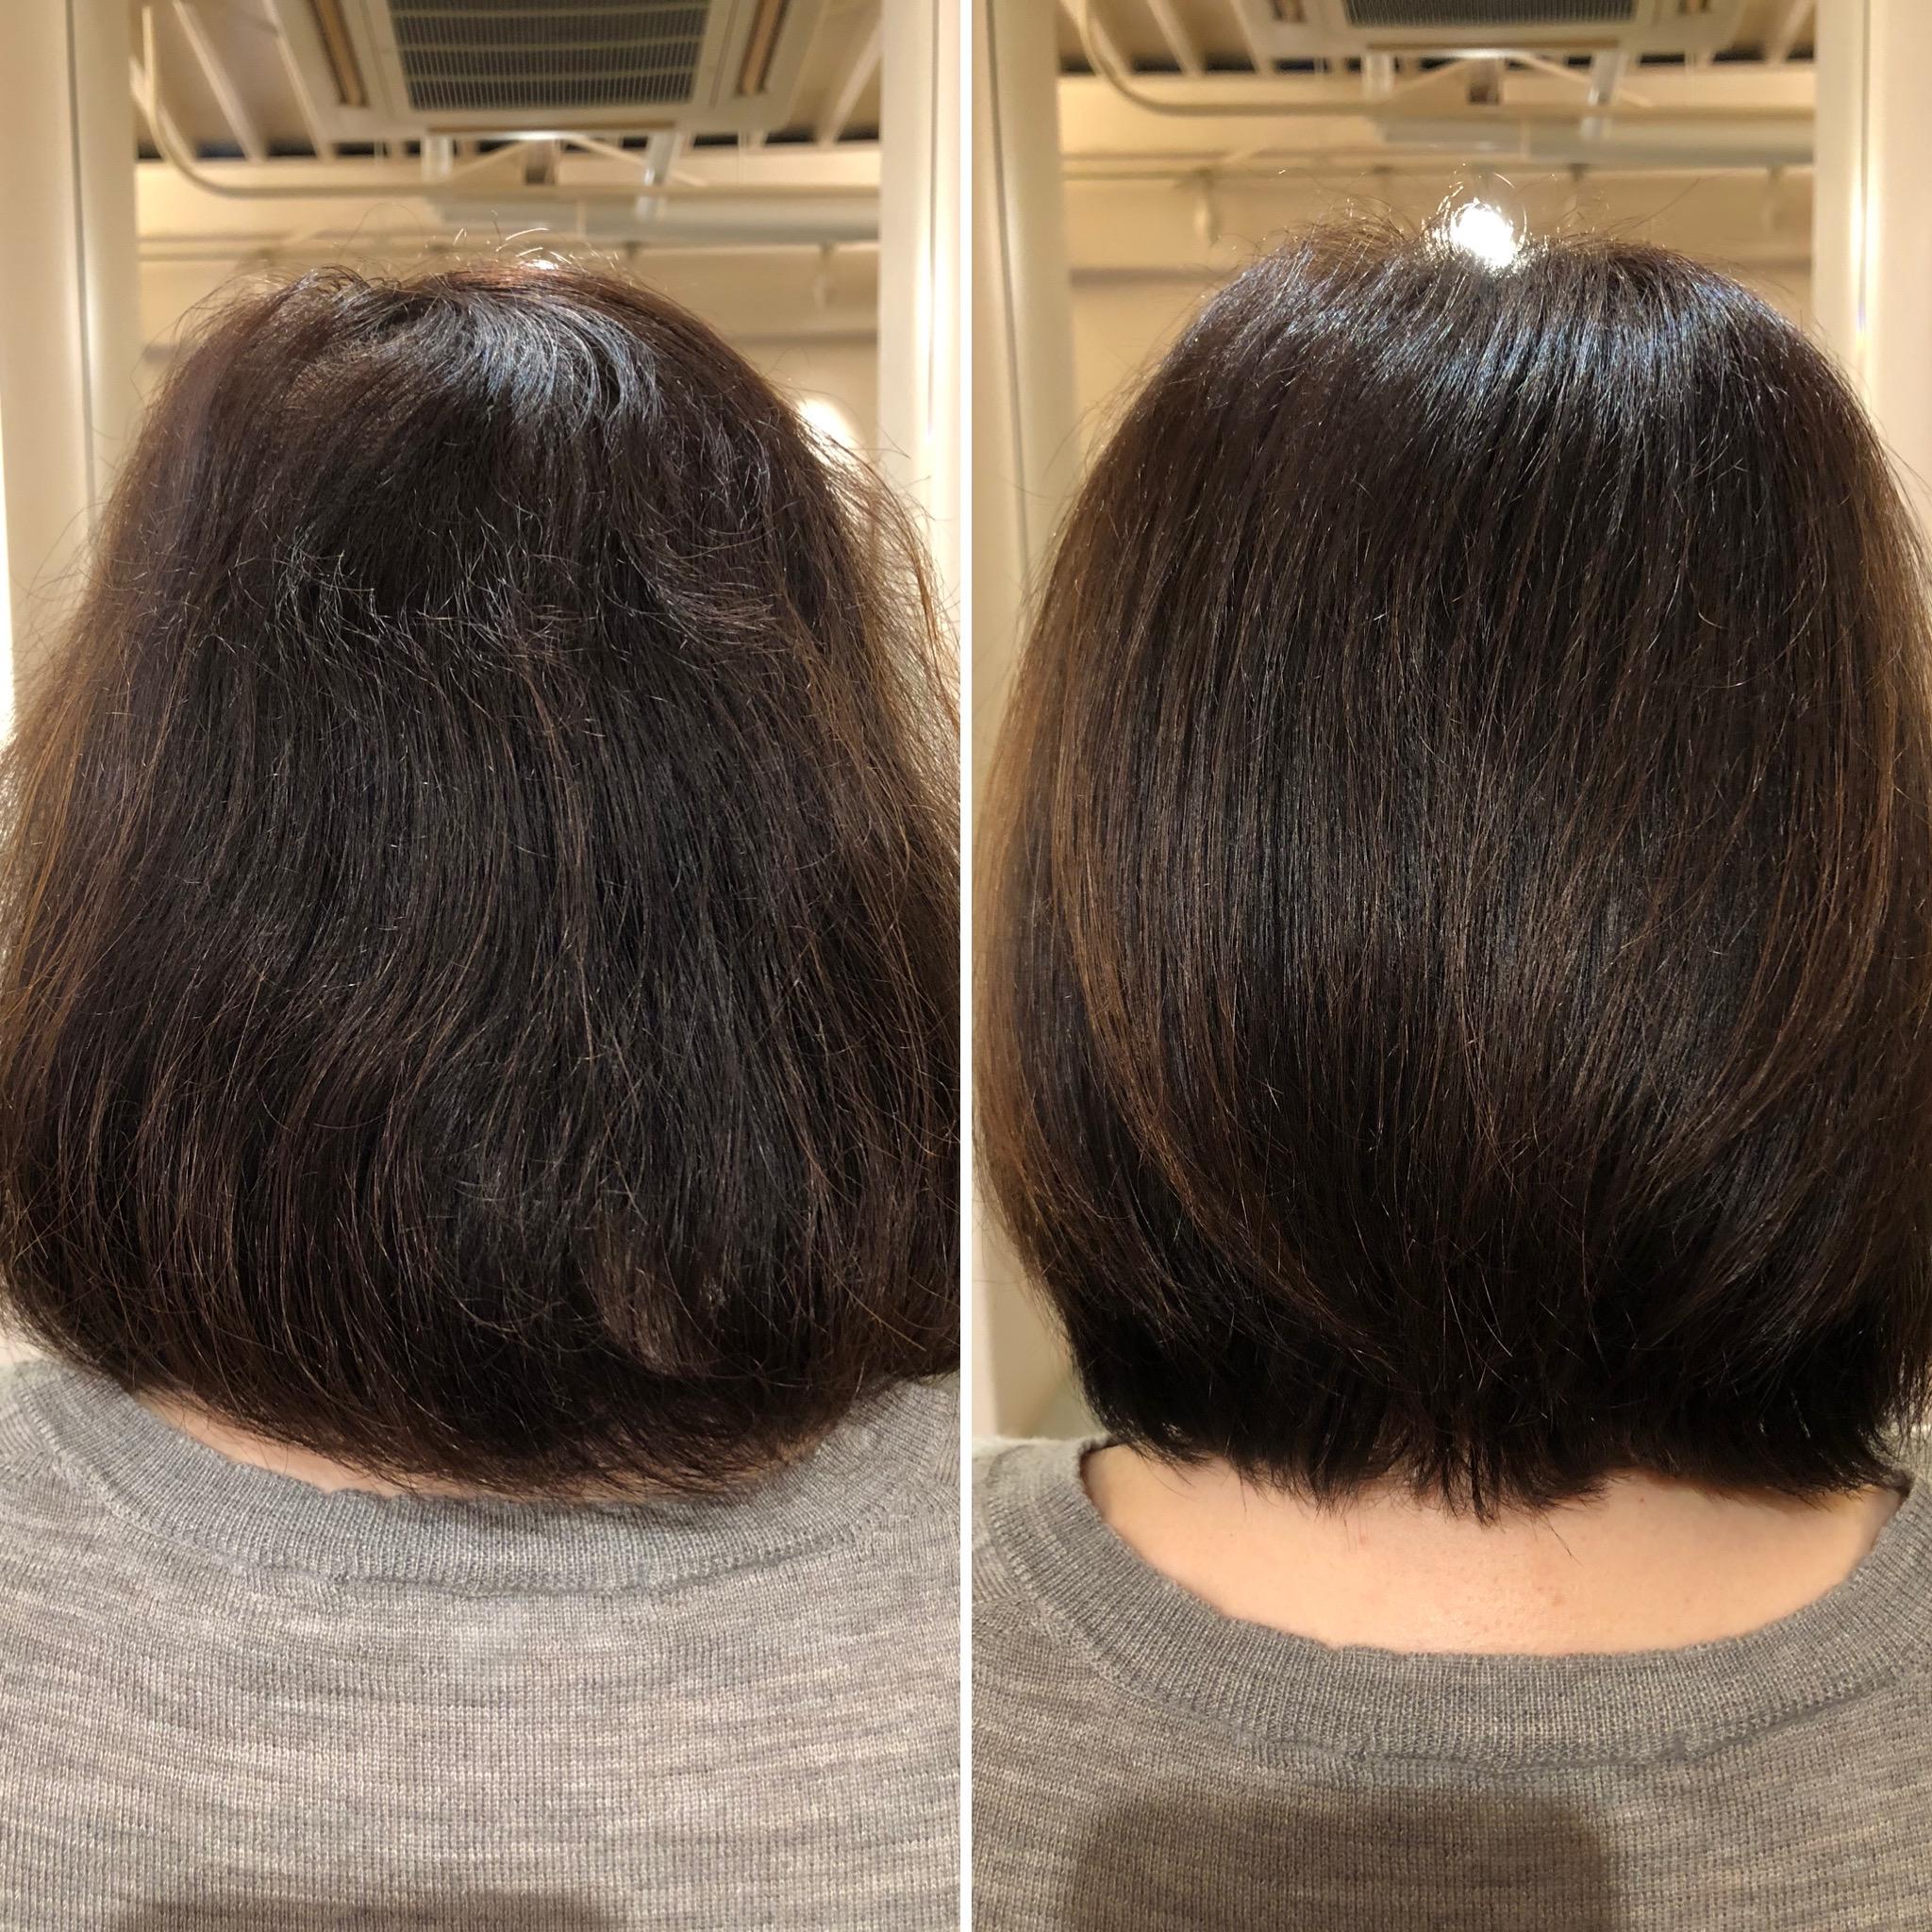 酸化による髪のうねりは真っ直ぐになります!